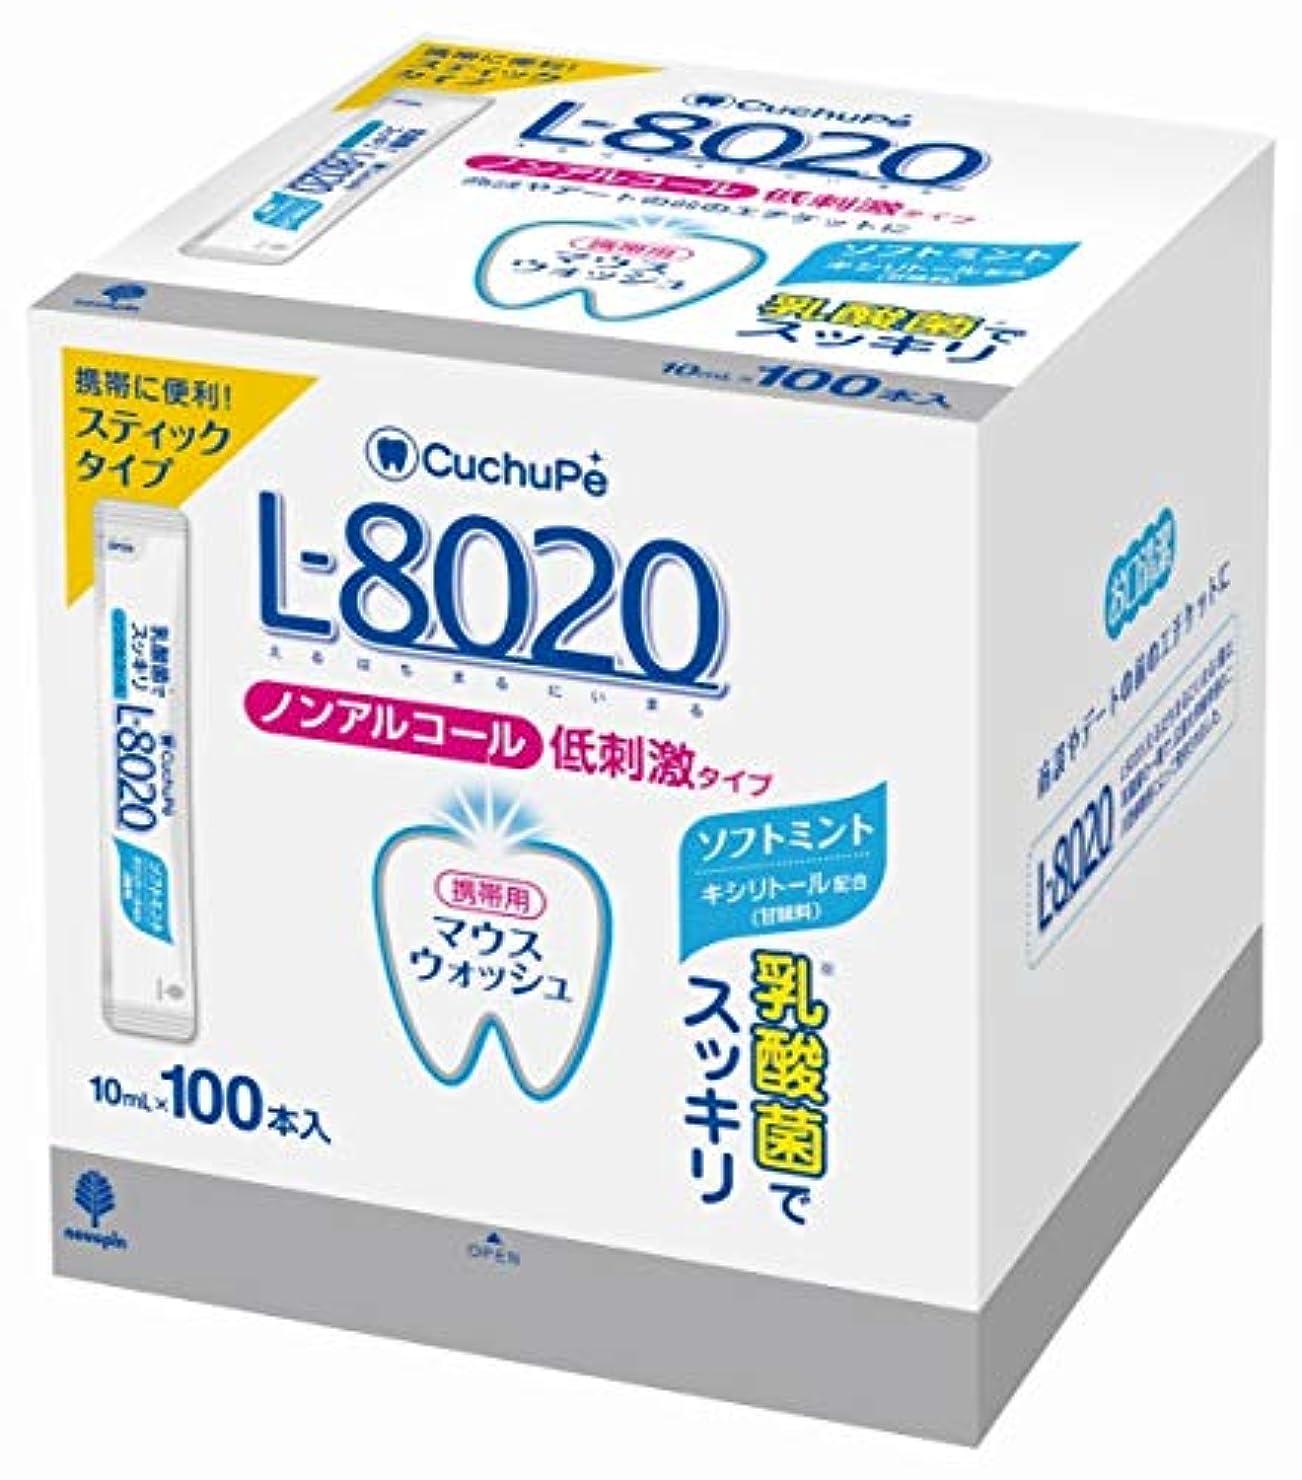 トレーニングくさび思いやりのある日本製 made in japan クチュッペL-8020 ソフトミント スティックタイプ100本入(ノンアルコール) K-7092【まとめ買い10個セット】